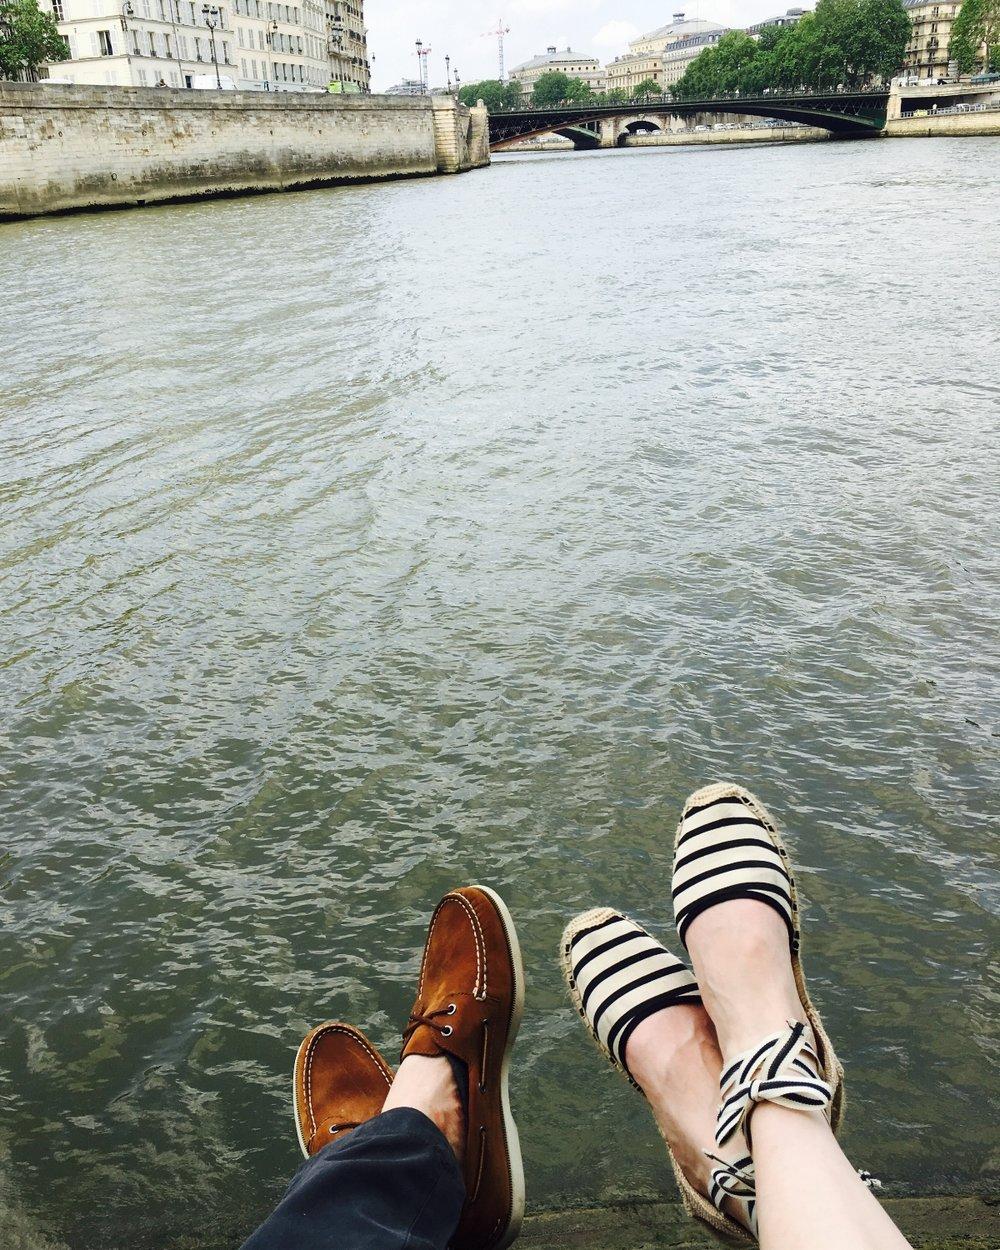 Picnic on the Ile Saint-Louis, Paris #mfrancisdesigntravels